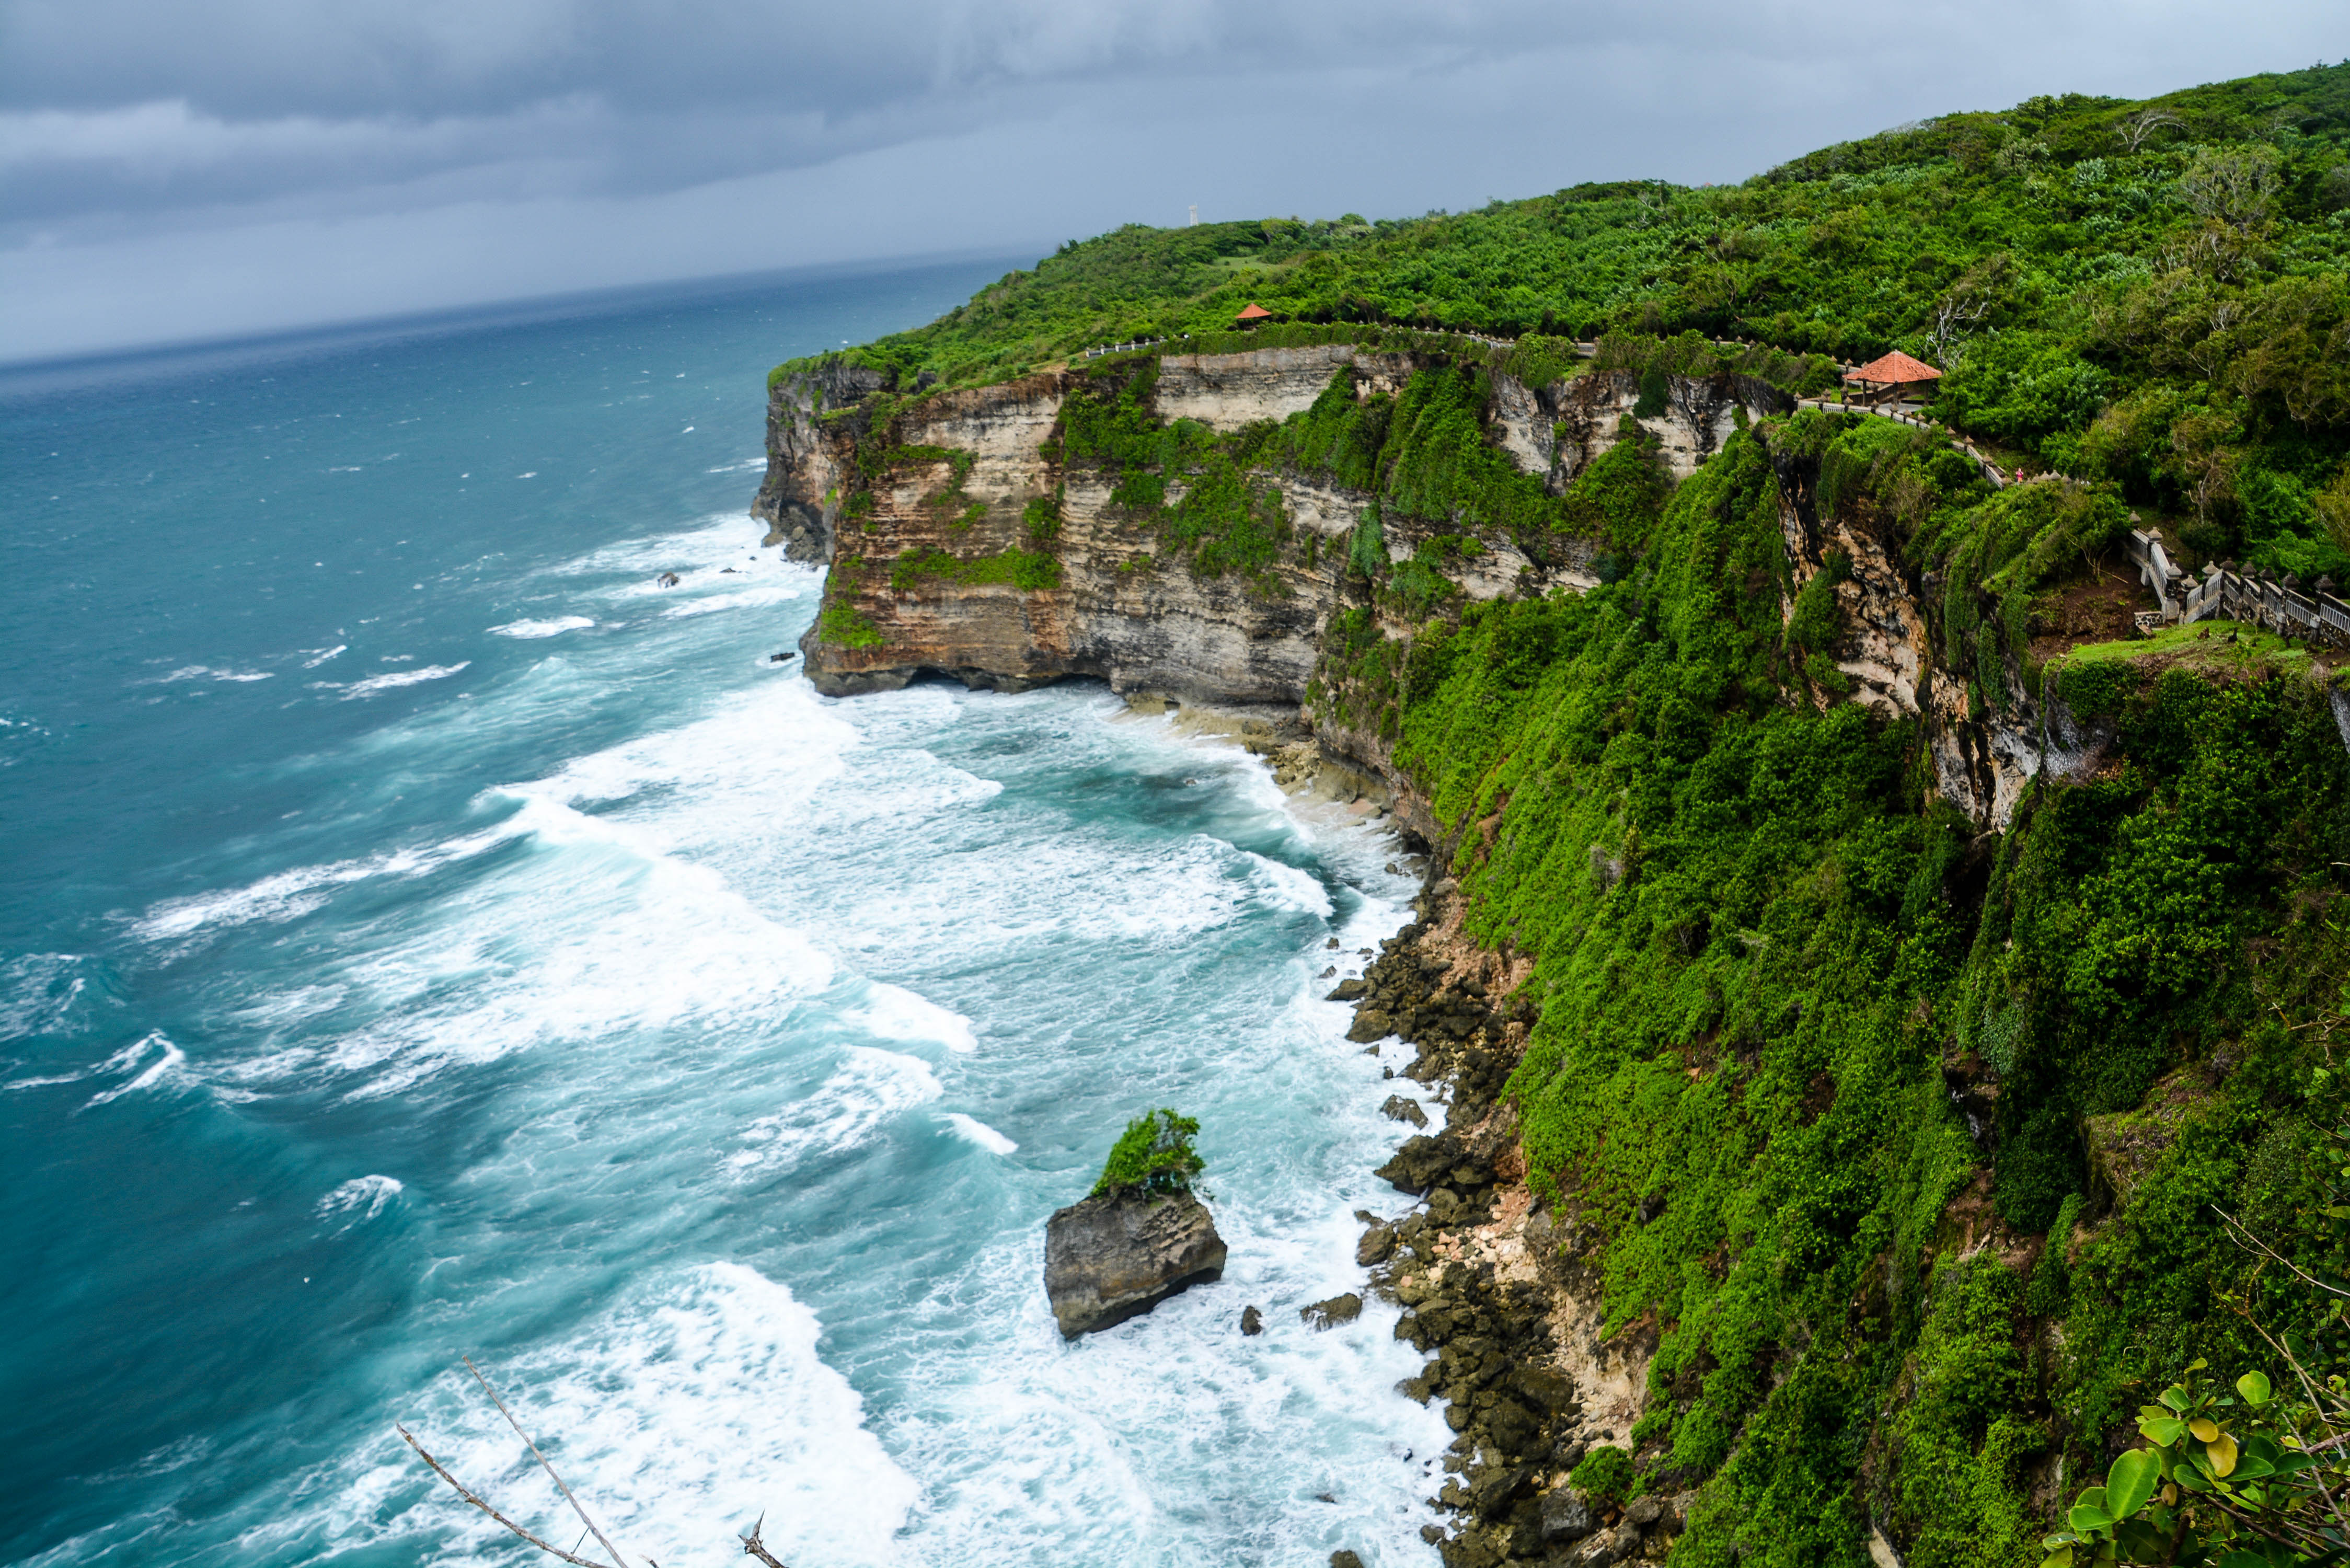 巴厘岛3-14日自由行·香港停留或中转 2晚起住 度假血拼两不误 (产品